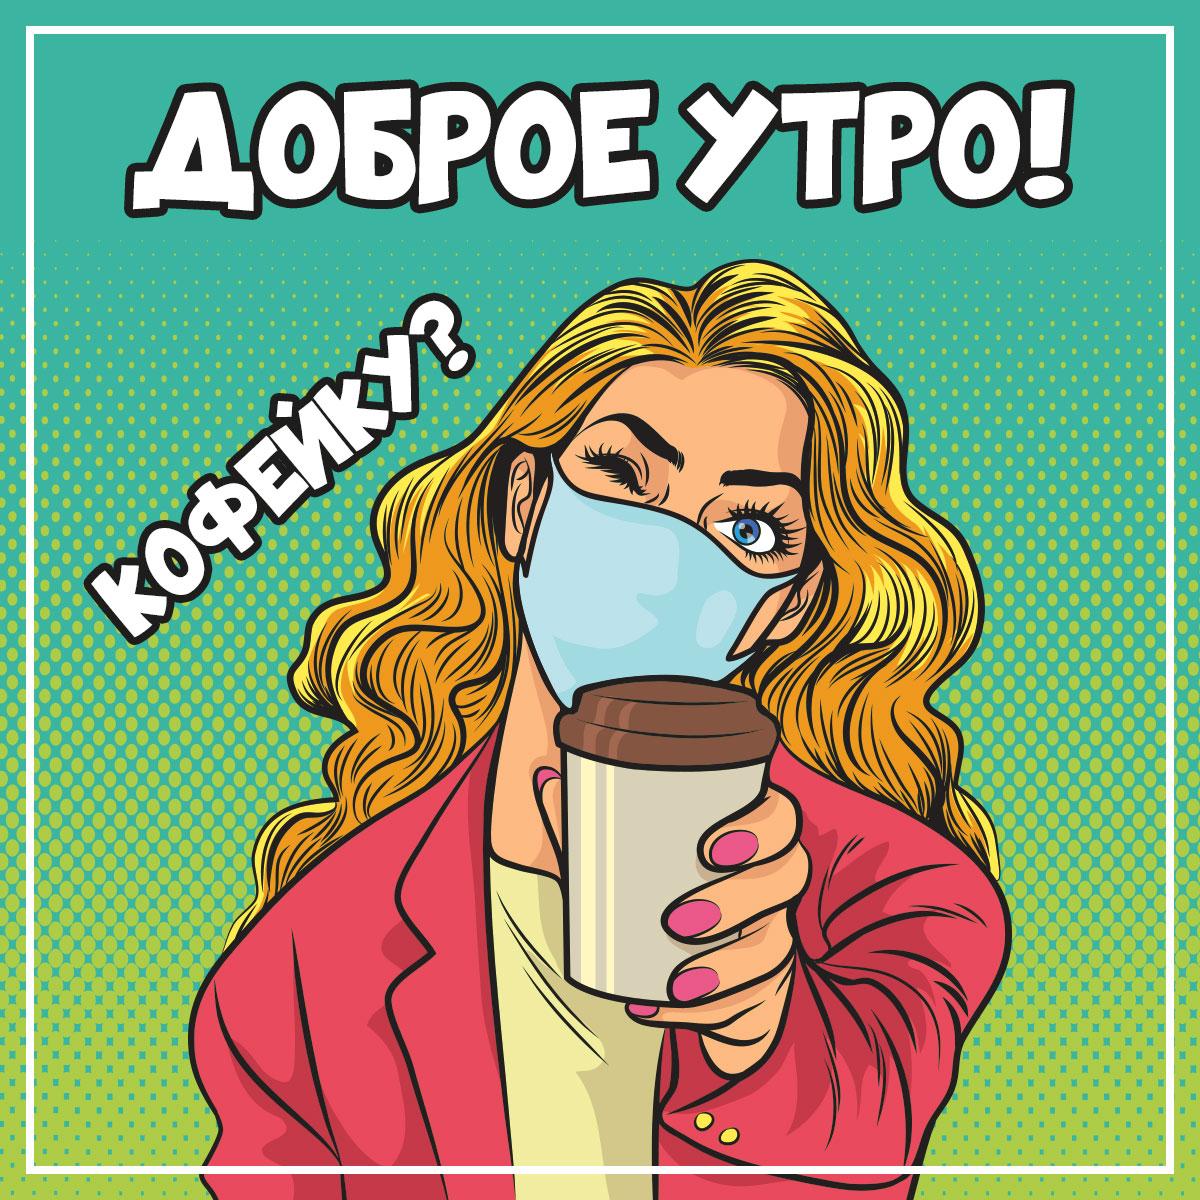 Картинка с текстом доброе утро по кофейку: блондинка с распущенными длинными волосами в медицинской маске протягивае стакан кофе.